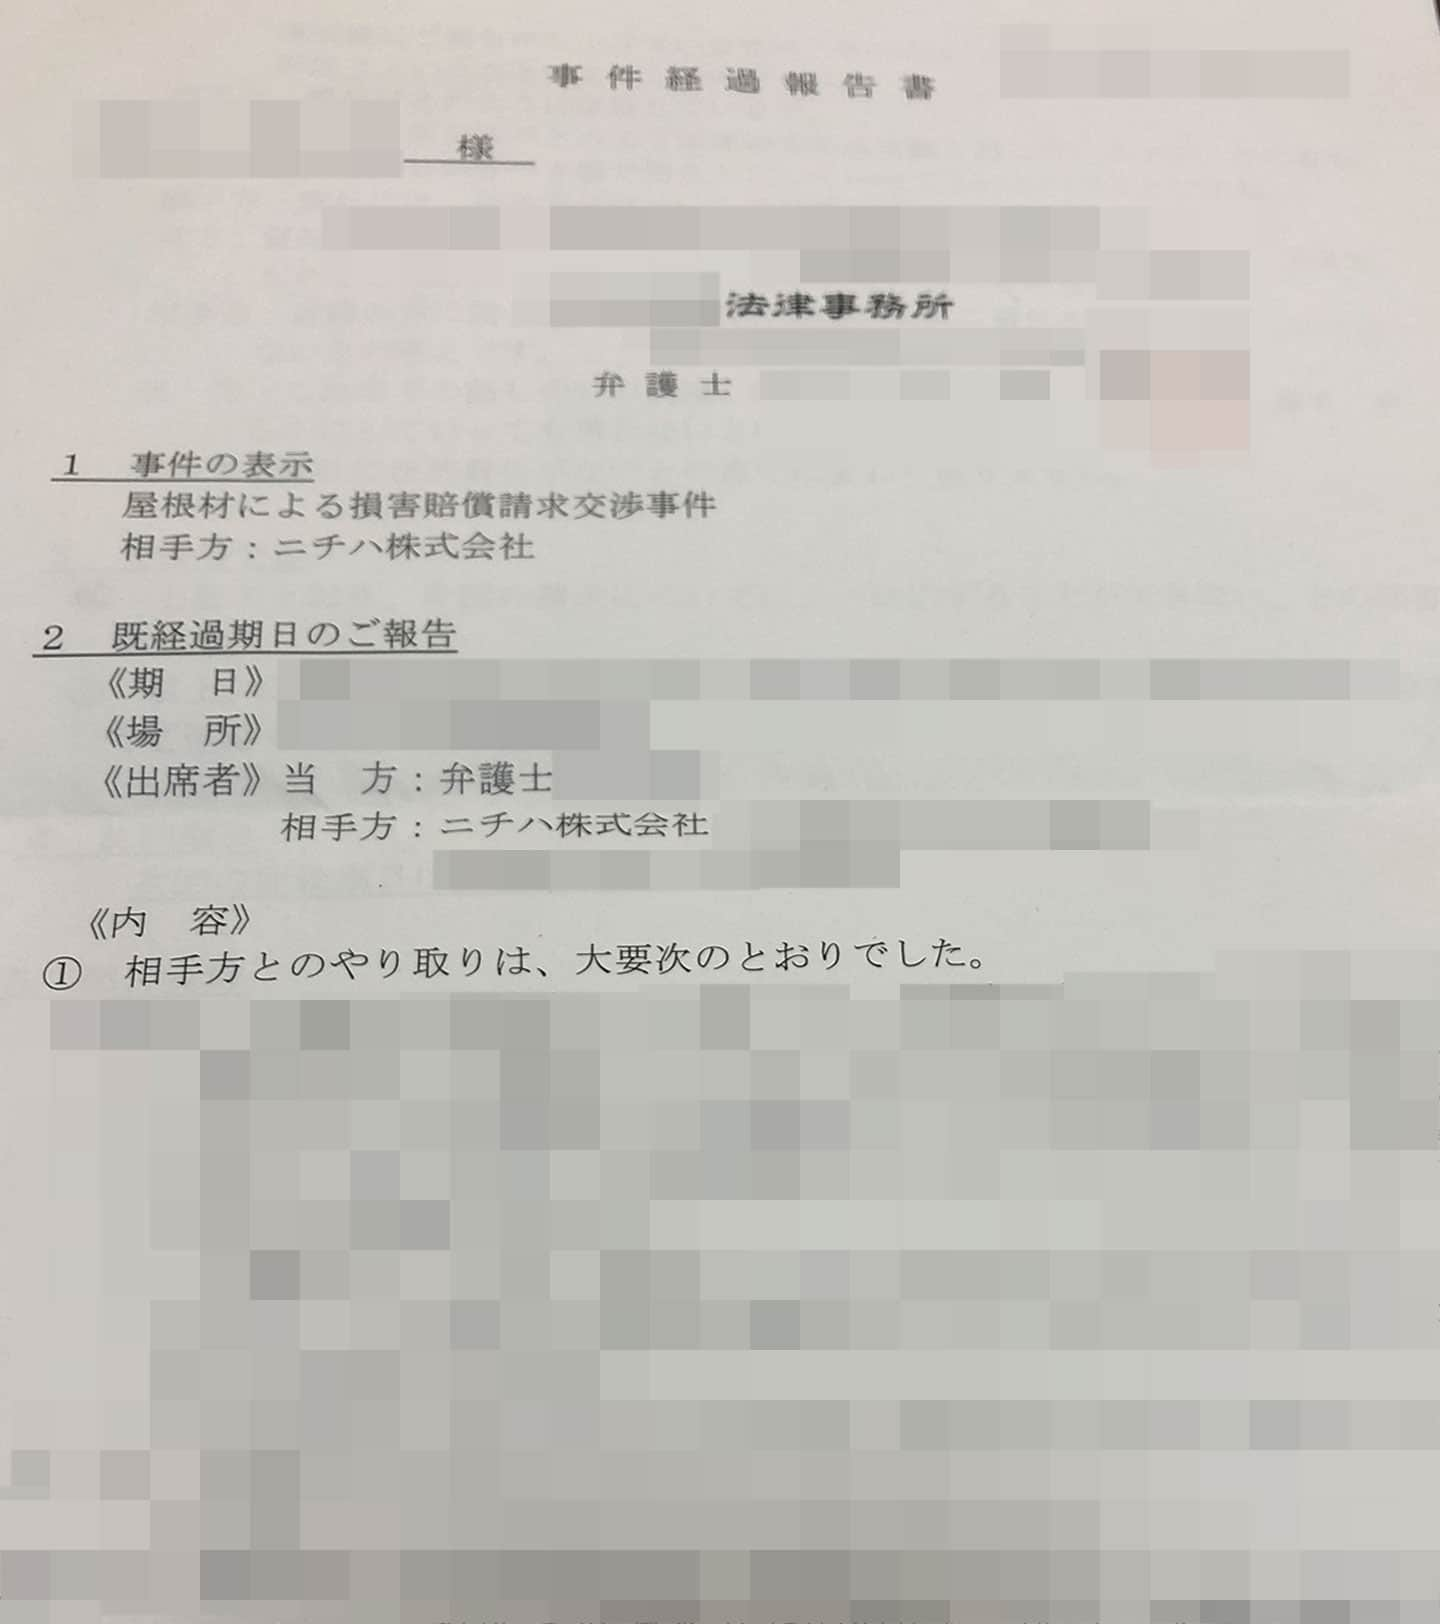 ニチハろ弁護士さんのやりとりの経過報告書